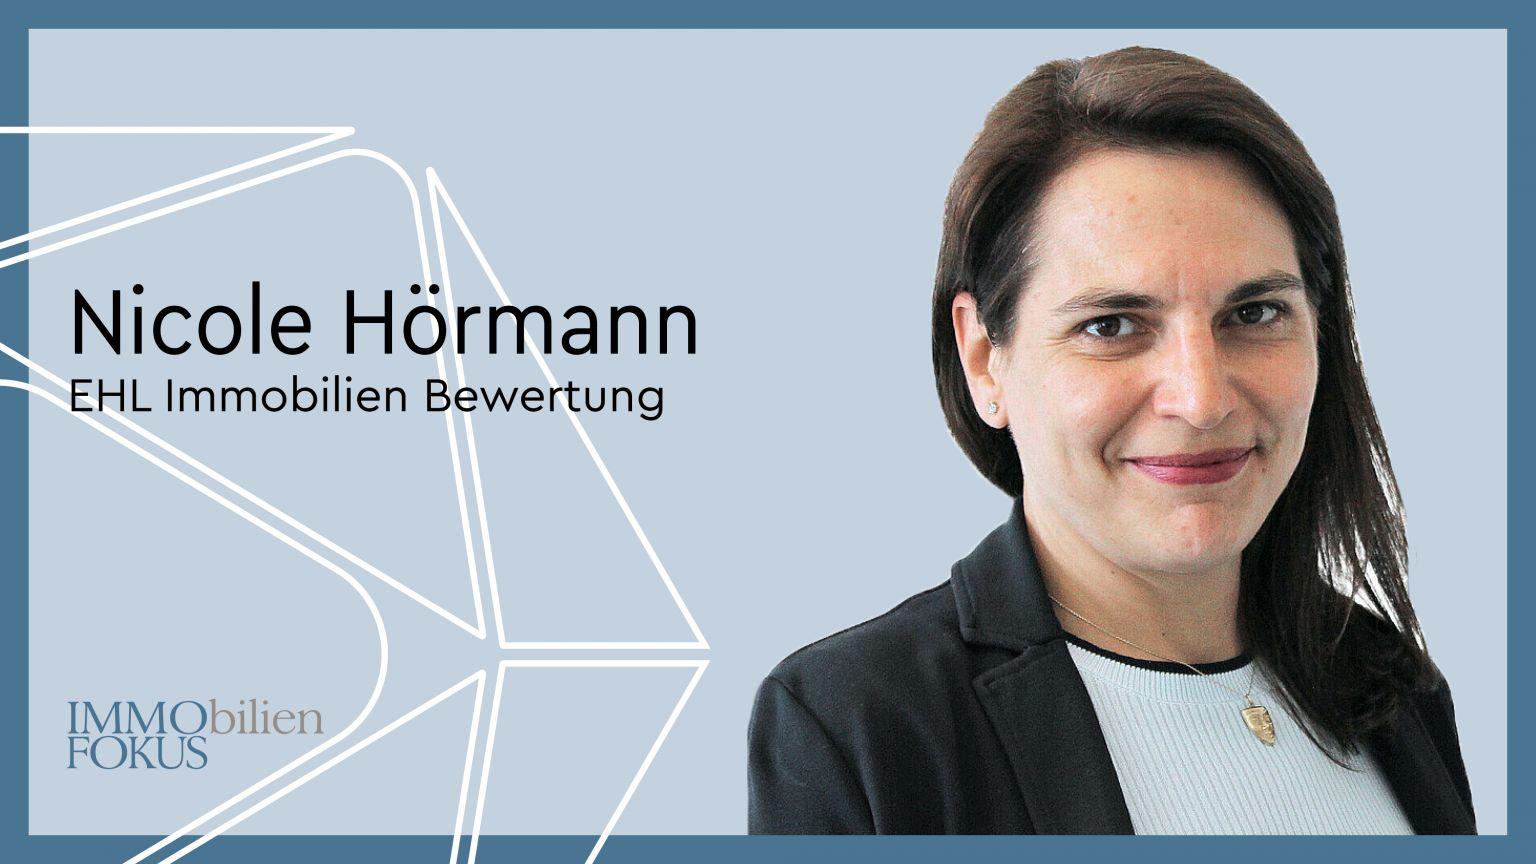 Nicole Hörmann verstärkt EHL Immobilien Bewertung